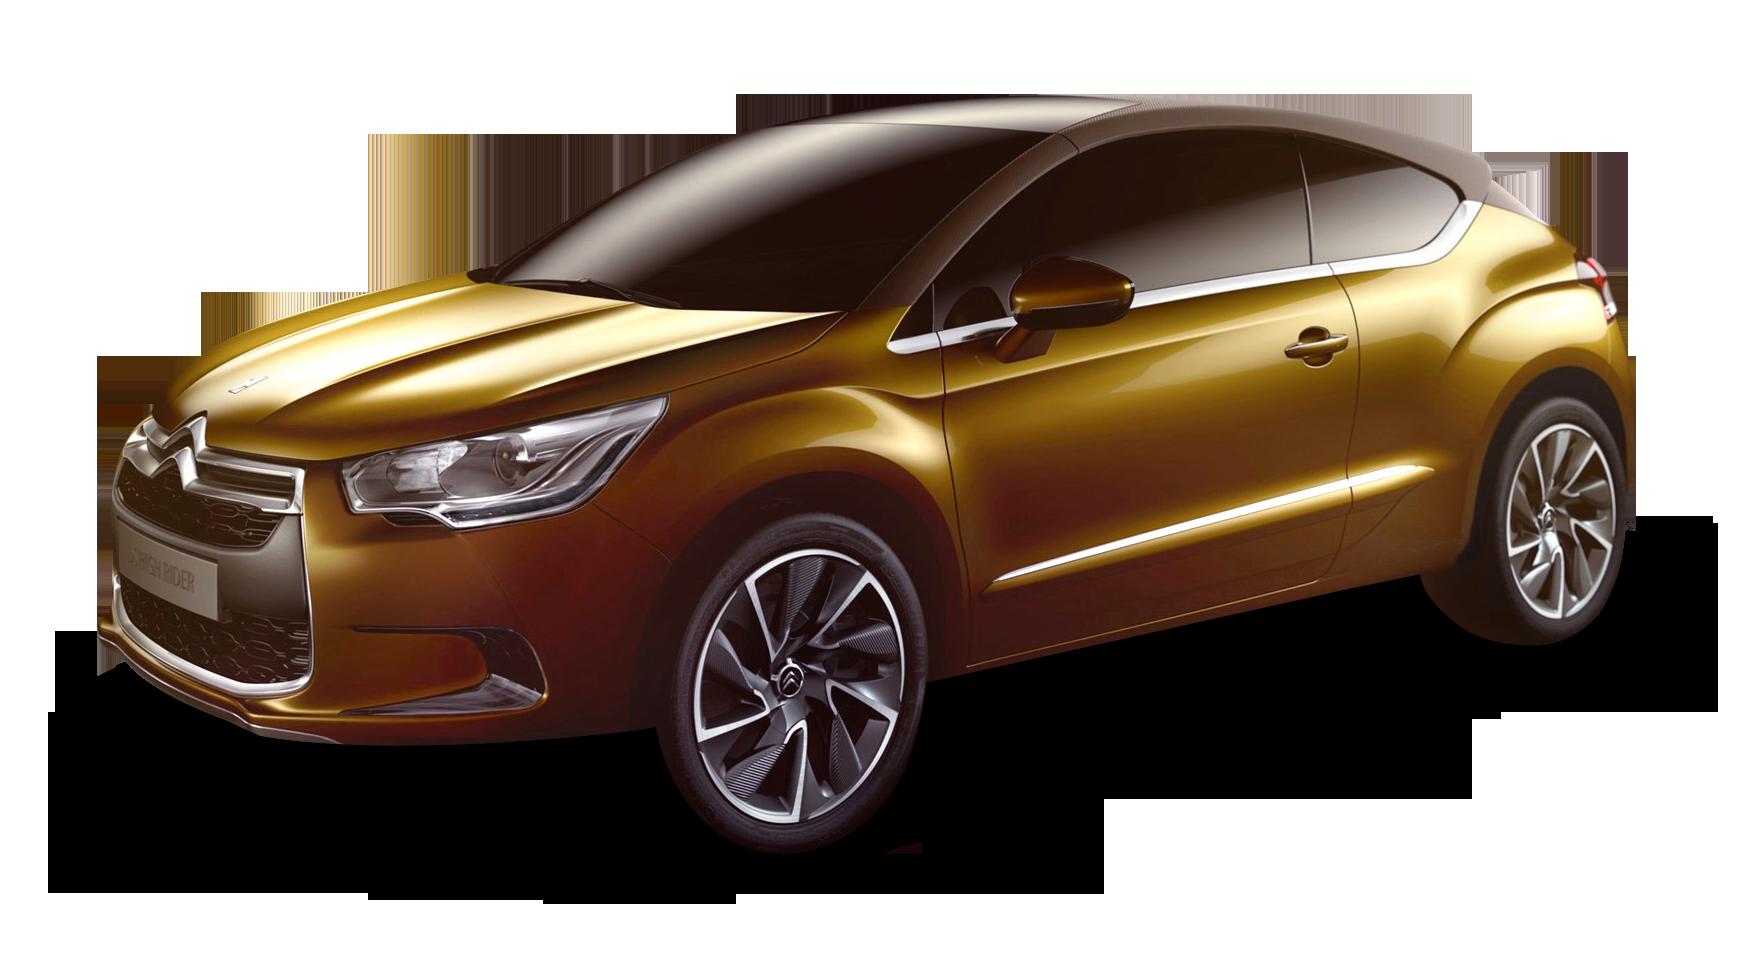 Gold Citroen Ds High Rider Car Citroen Citroen Ds Png Images